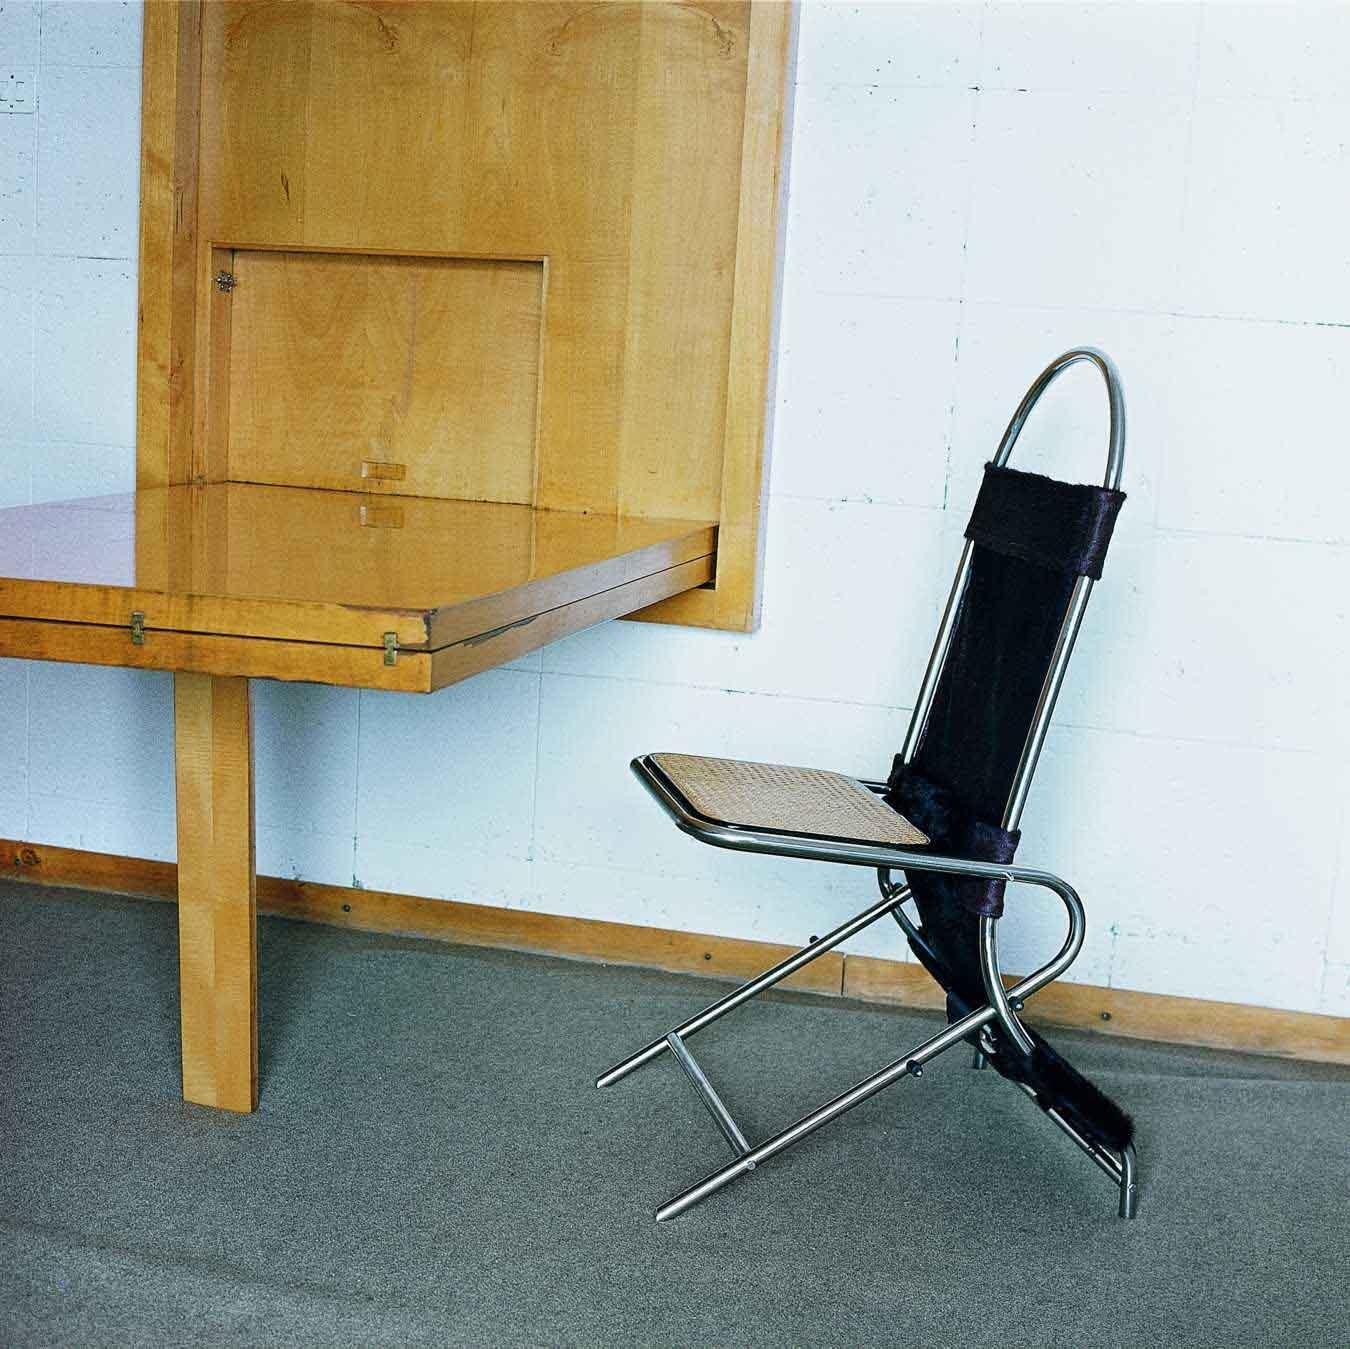 Dos sillas y una mesa - Silla tumbona ...